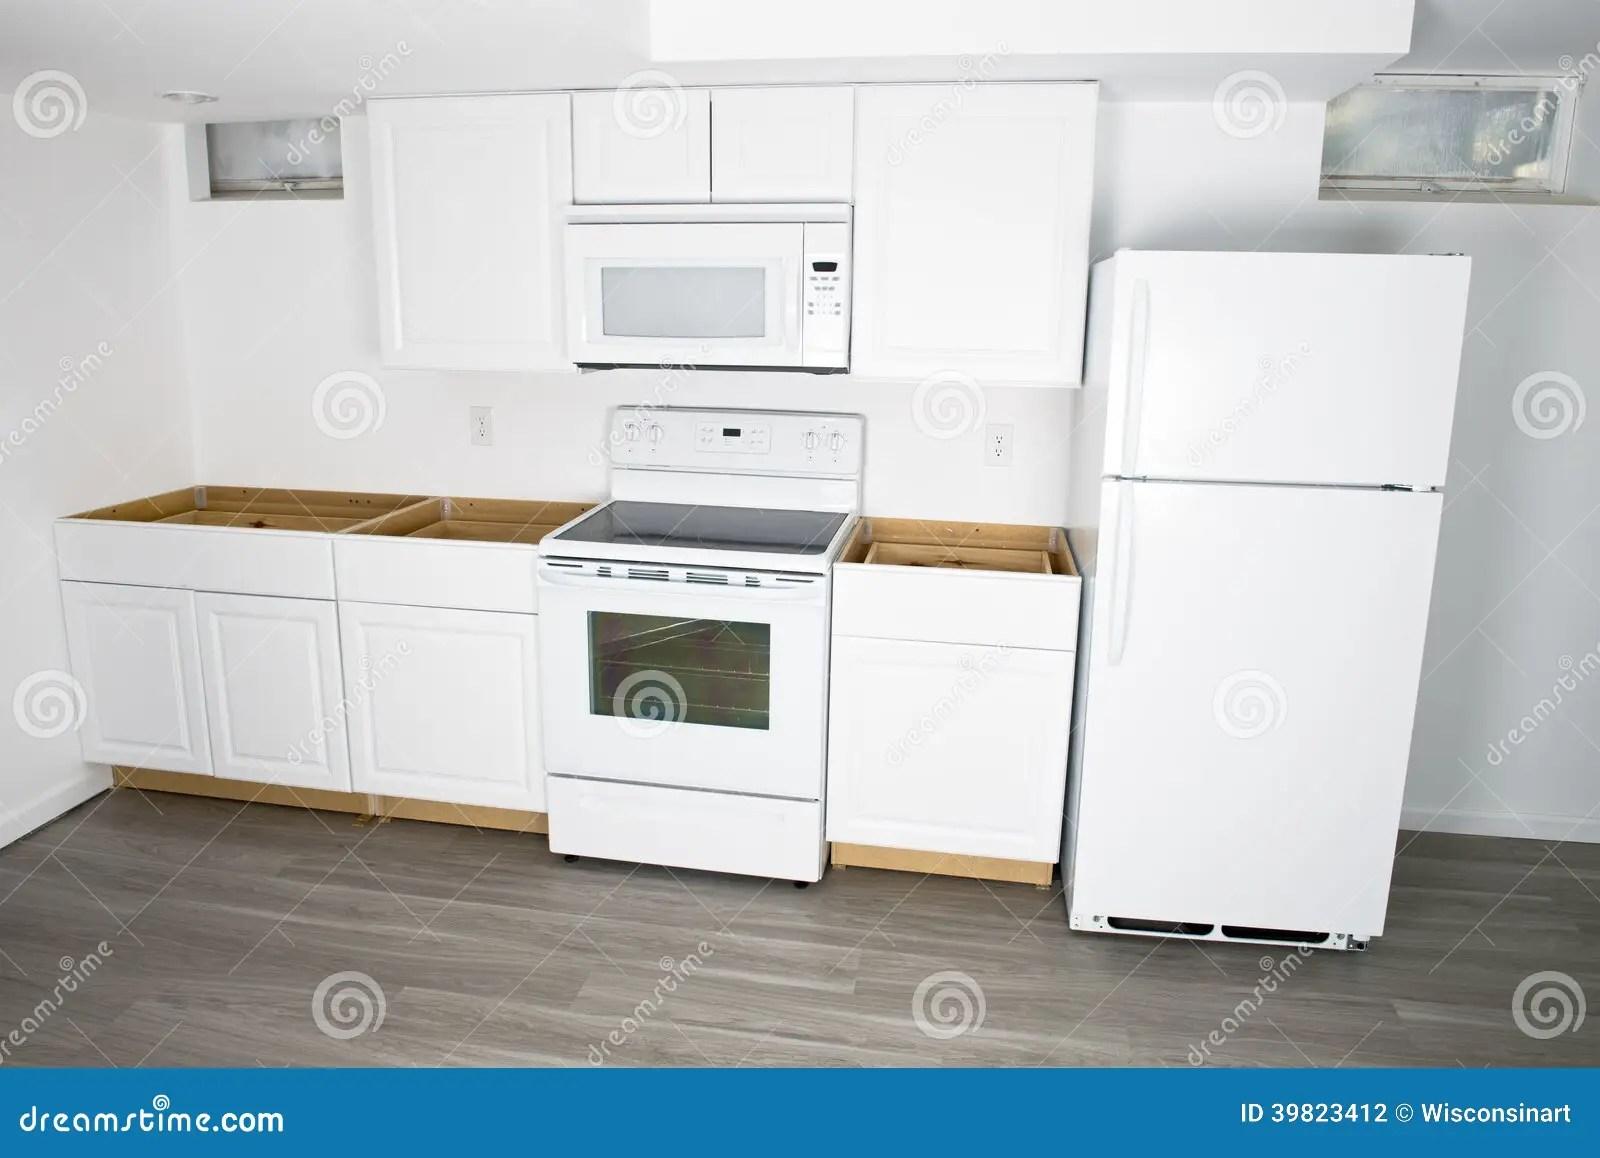 remodel a kitchen oak cabinet 新的白色厨房改造 住所改善库存照片 图片包括有冰箱 急性 房子 厨房 一个新的白色厨房安装并且改造 许多人民在他们的房子或家里喜欢更新和做改造保持事被更新和好的 您能看到新的内阁 火炉和冰箱